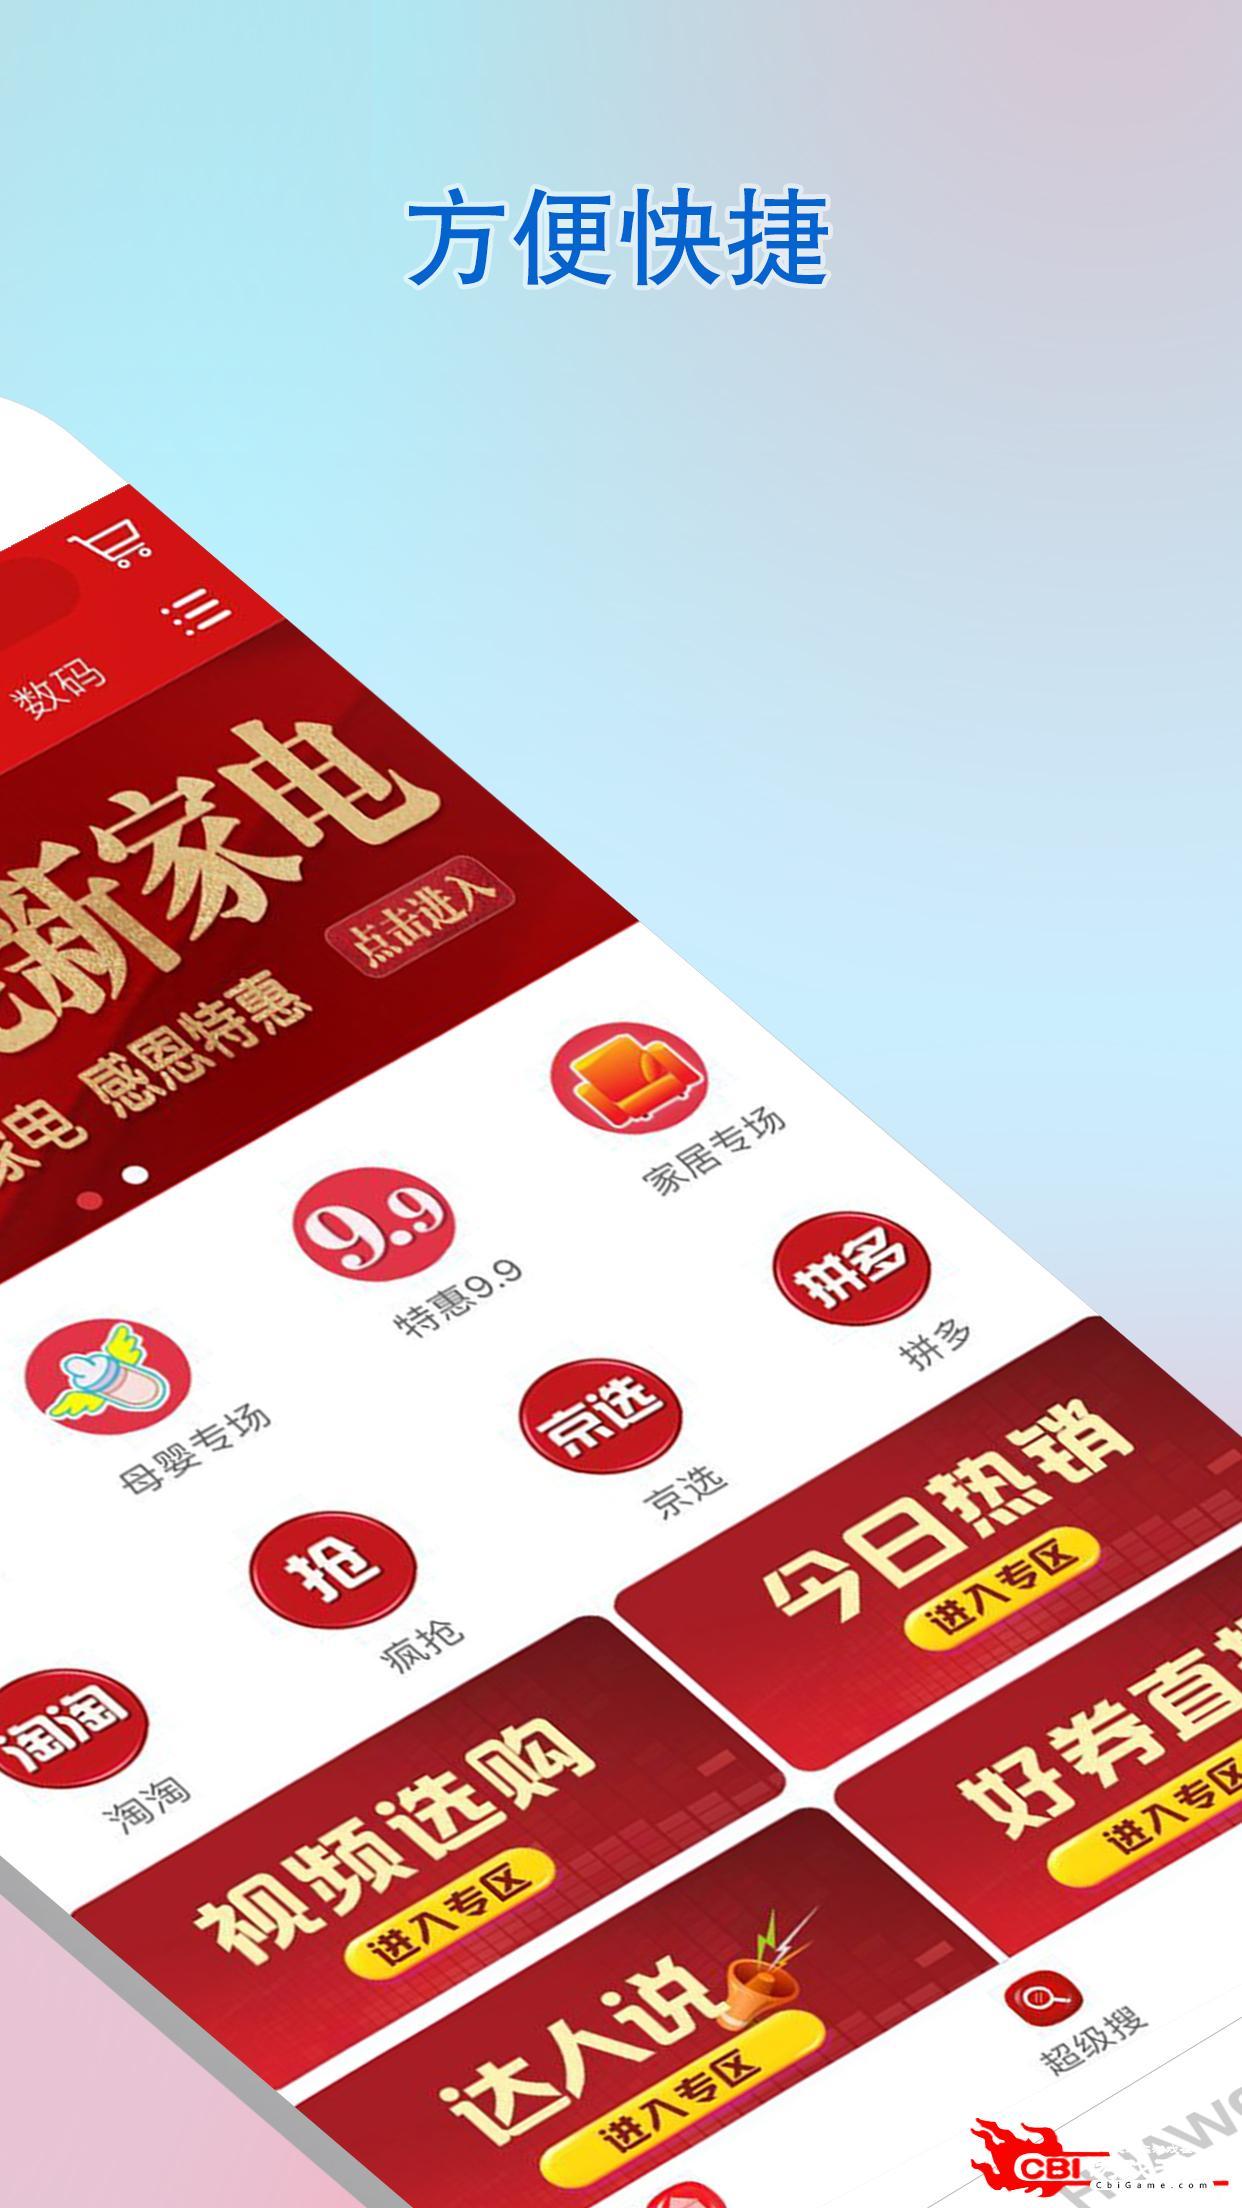 乐惠佳购物平台图0